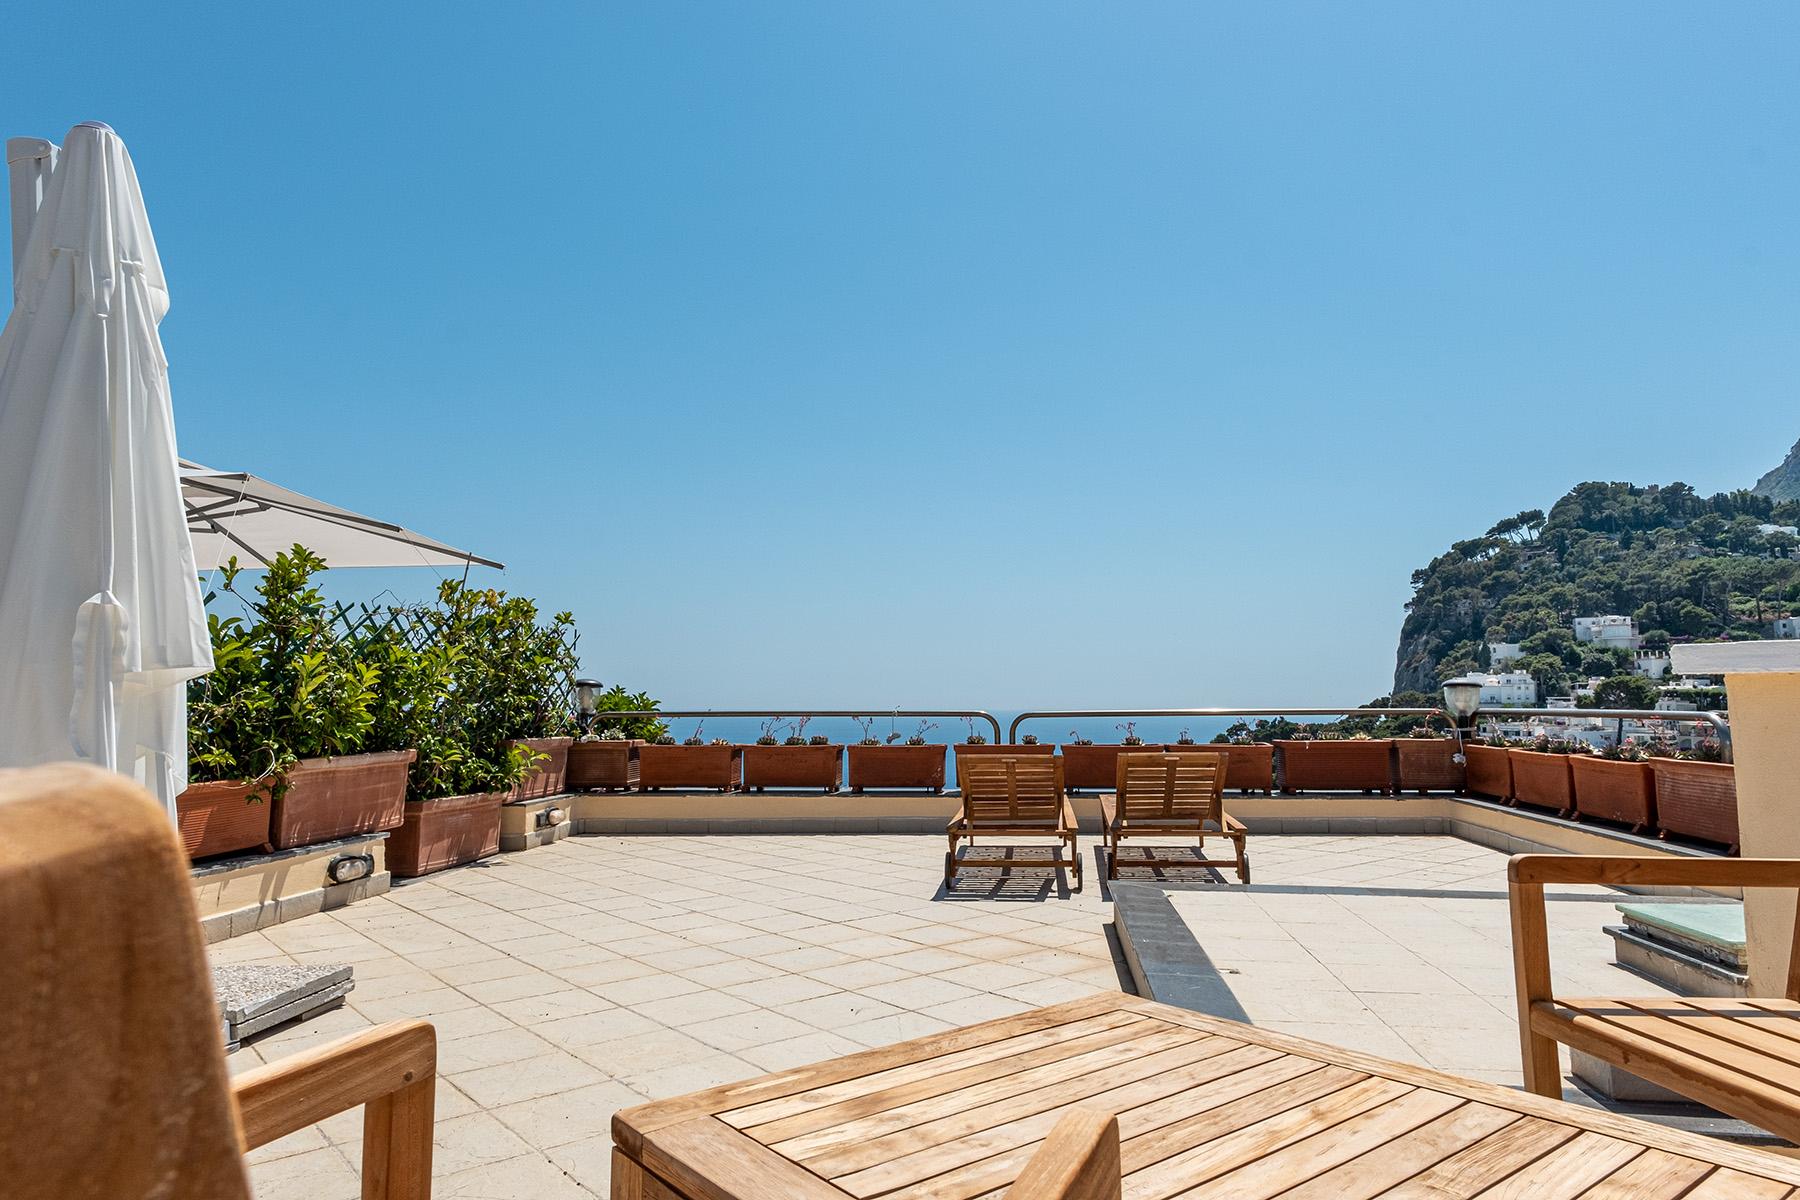 Attico in Vendita a Capri: 5 locali, 160 mq - Foto 12